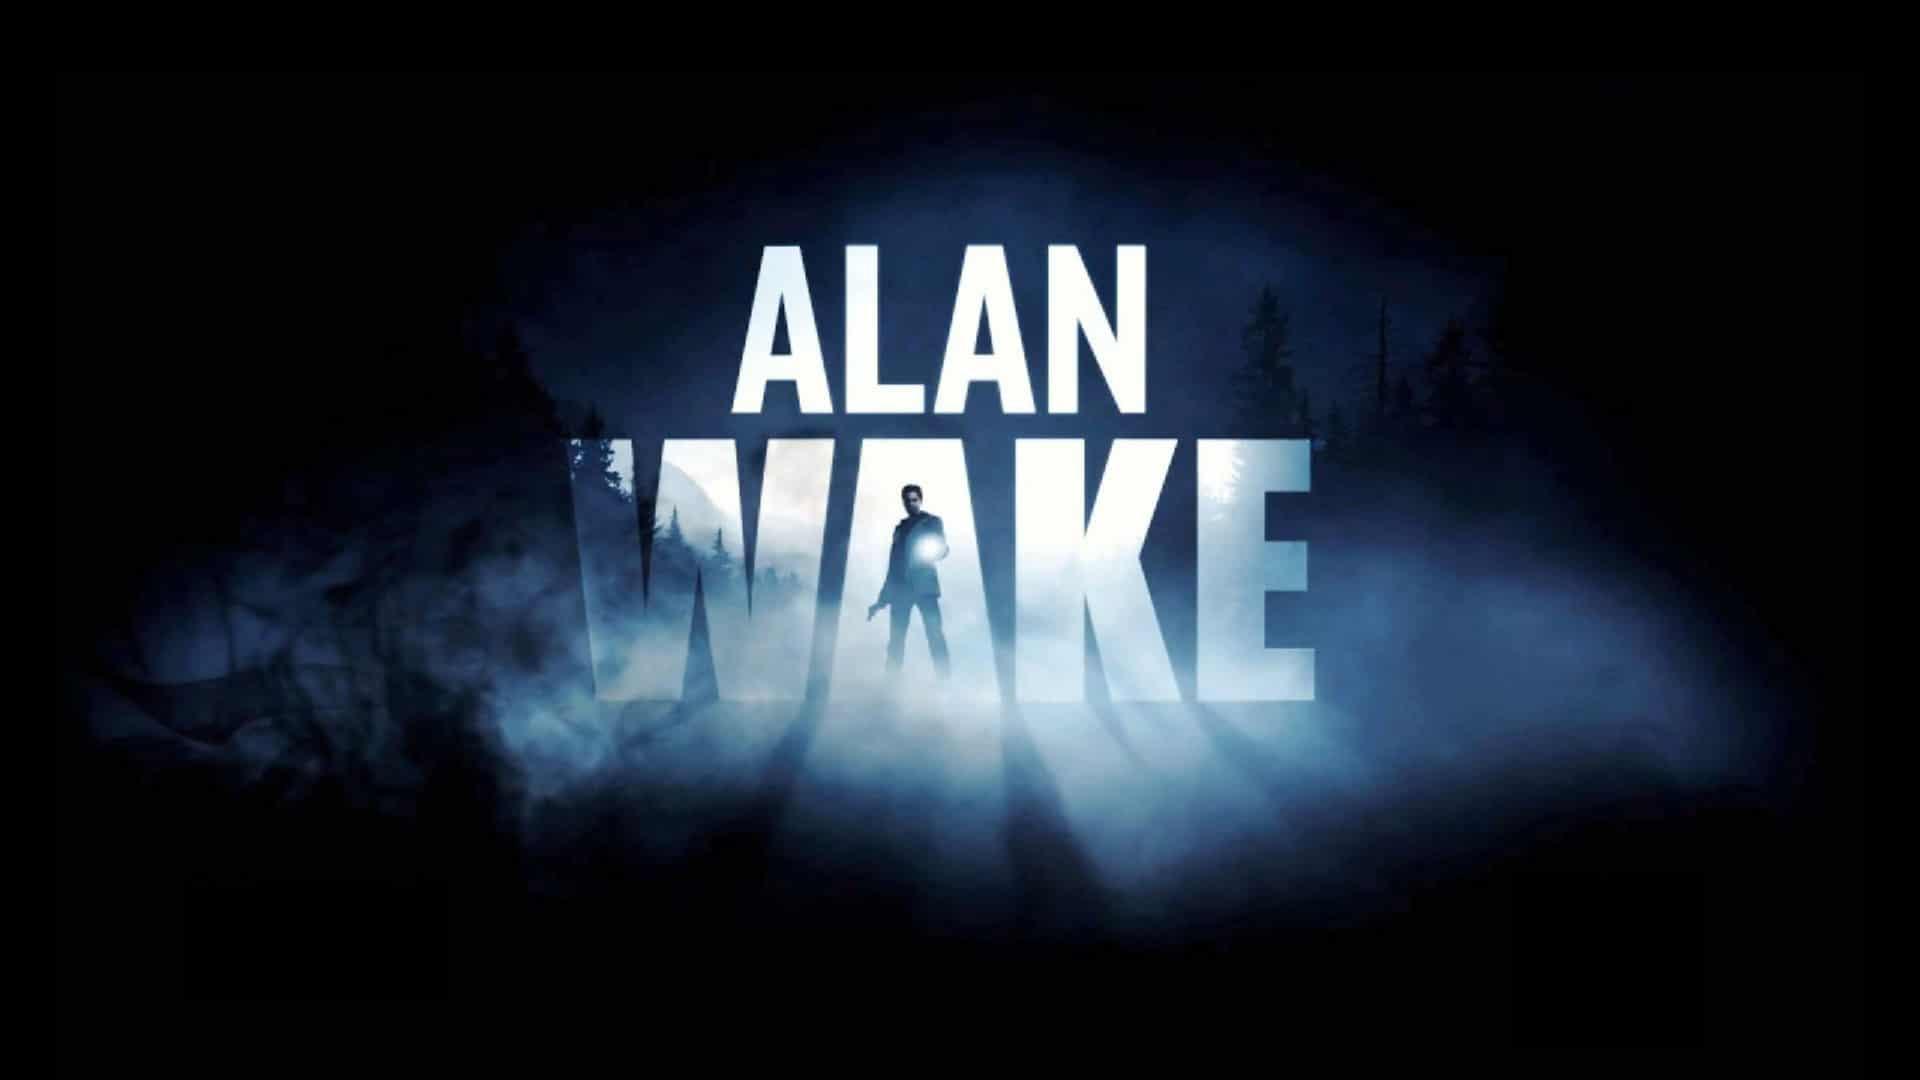 Se revelan las especificaciones de Alan Wake Remastered para PC, GamersRD